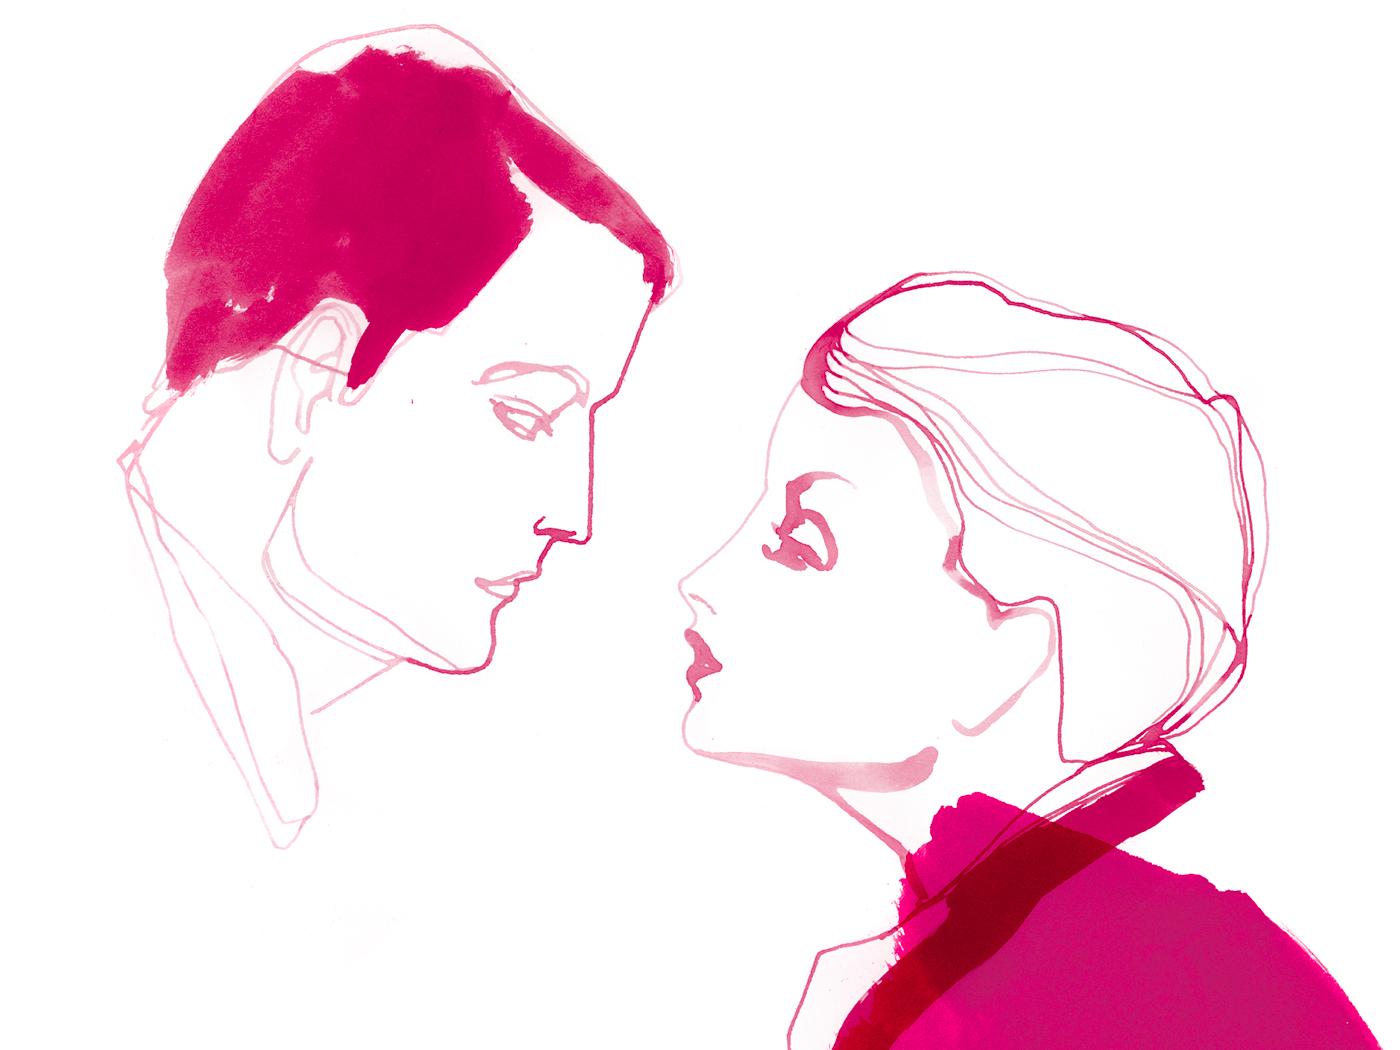 rencontre intime de deux personnes synonyme lier